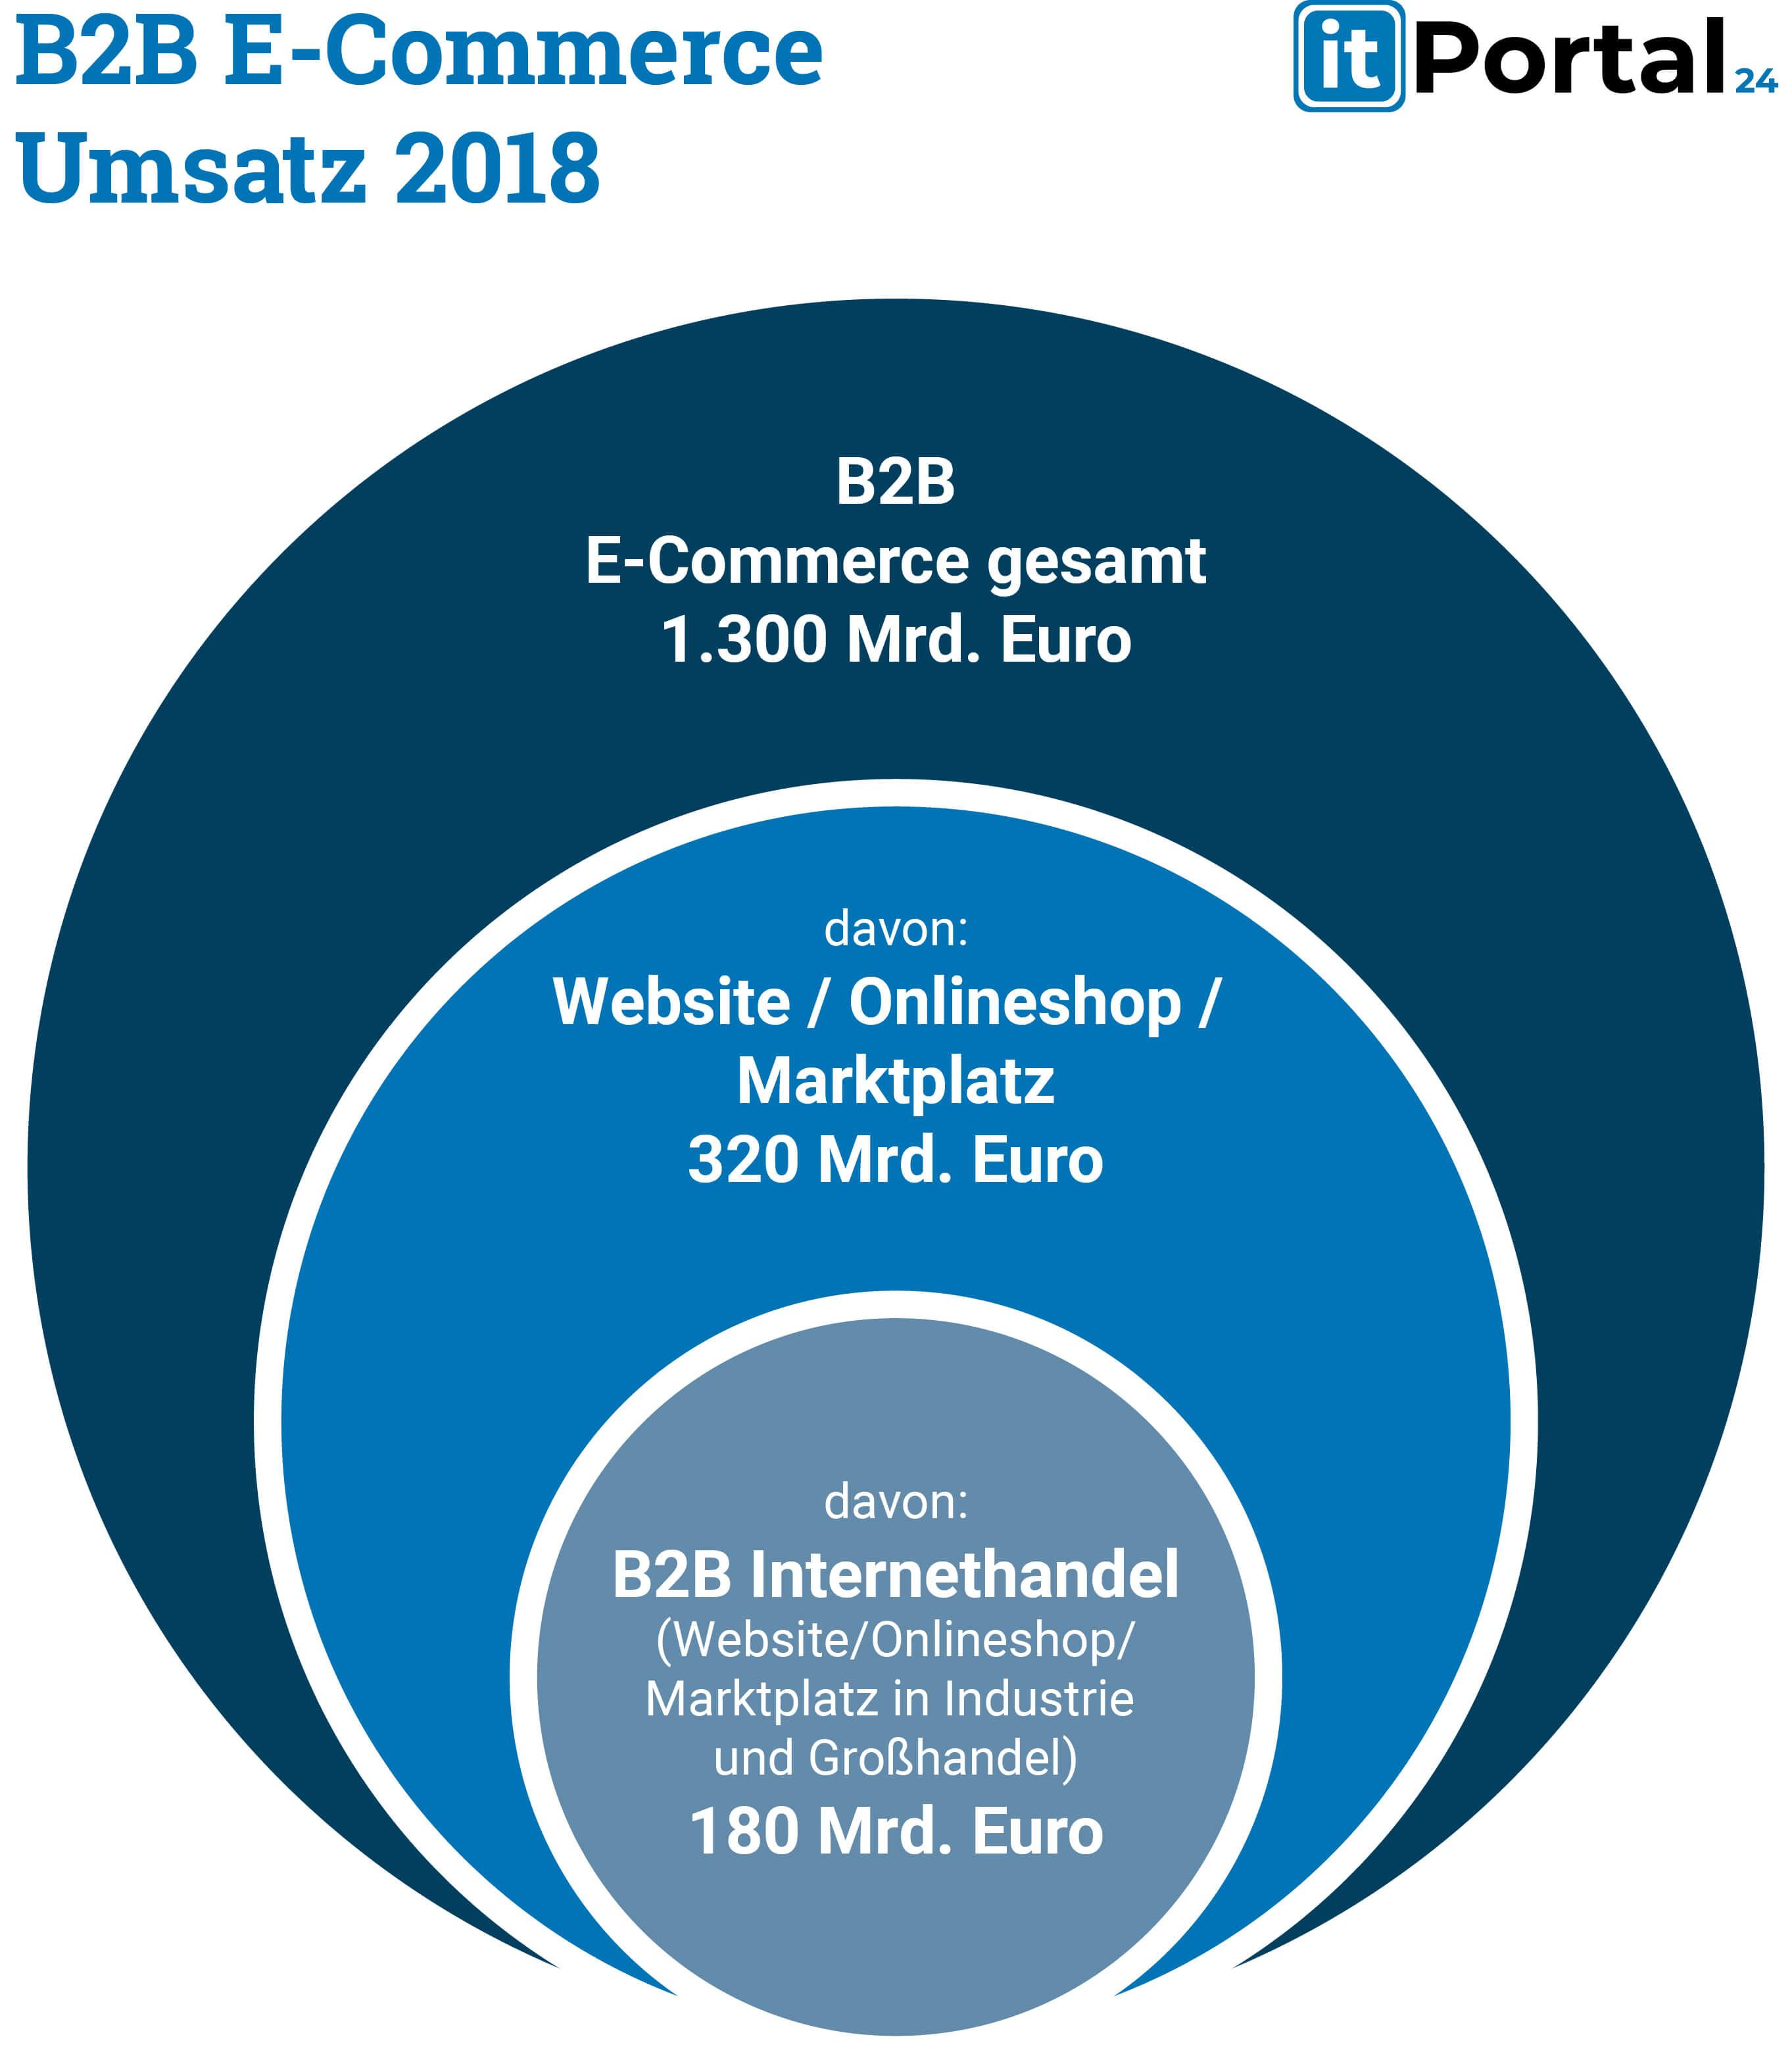 B2B E-Commerce Umsatz 2018